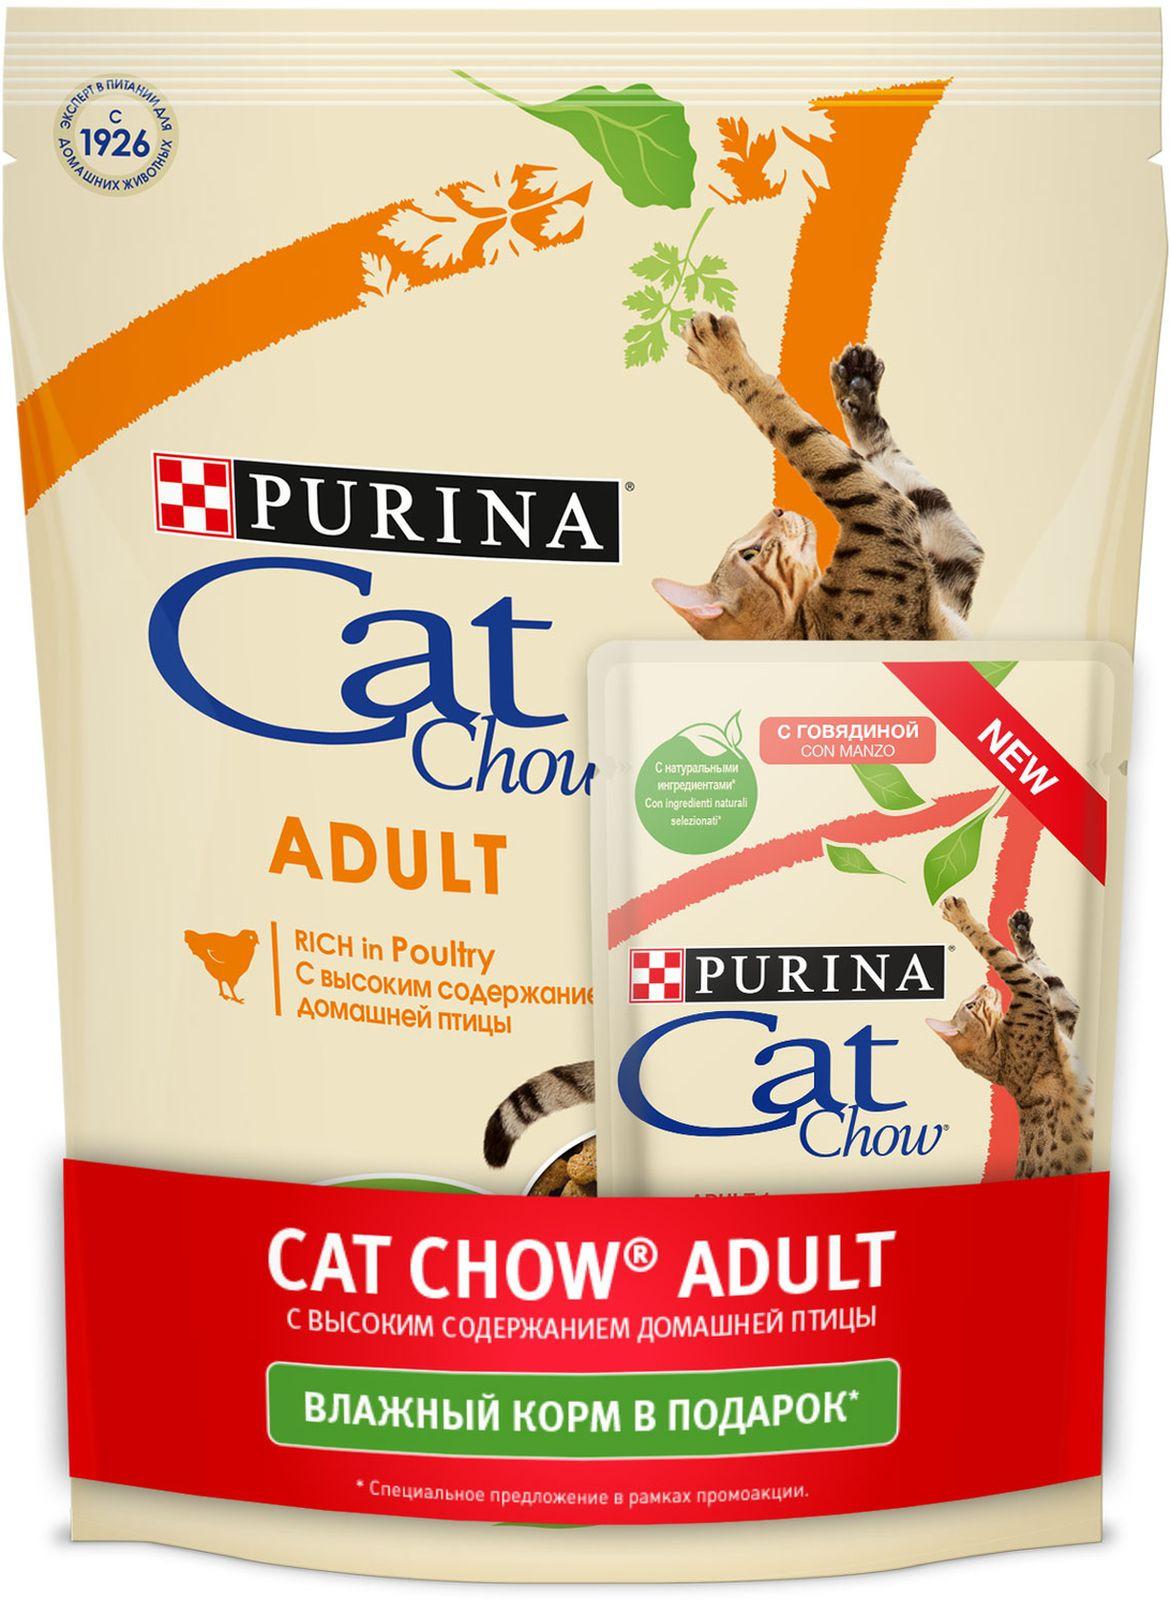 Корм сухой Cat Chow Adult, для кошек, с домашней птицей, 400 г + Корм консервированный Cat Chow для кошек, с говядиной, 85 г